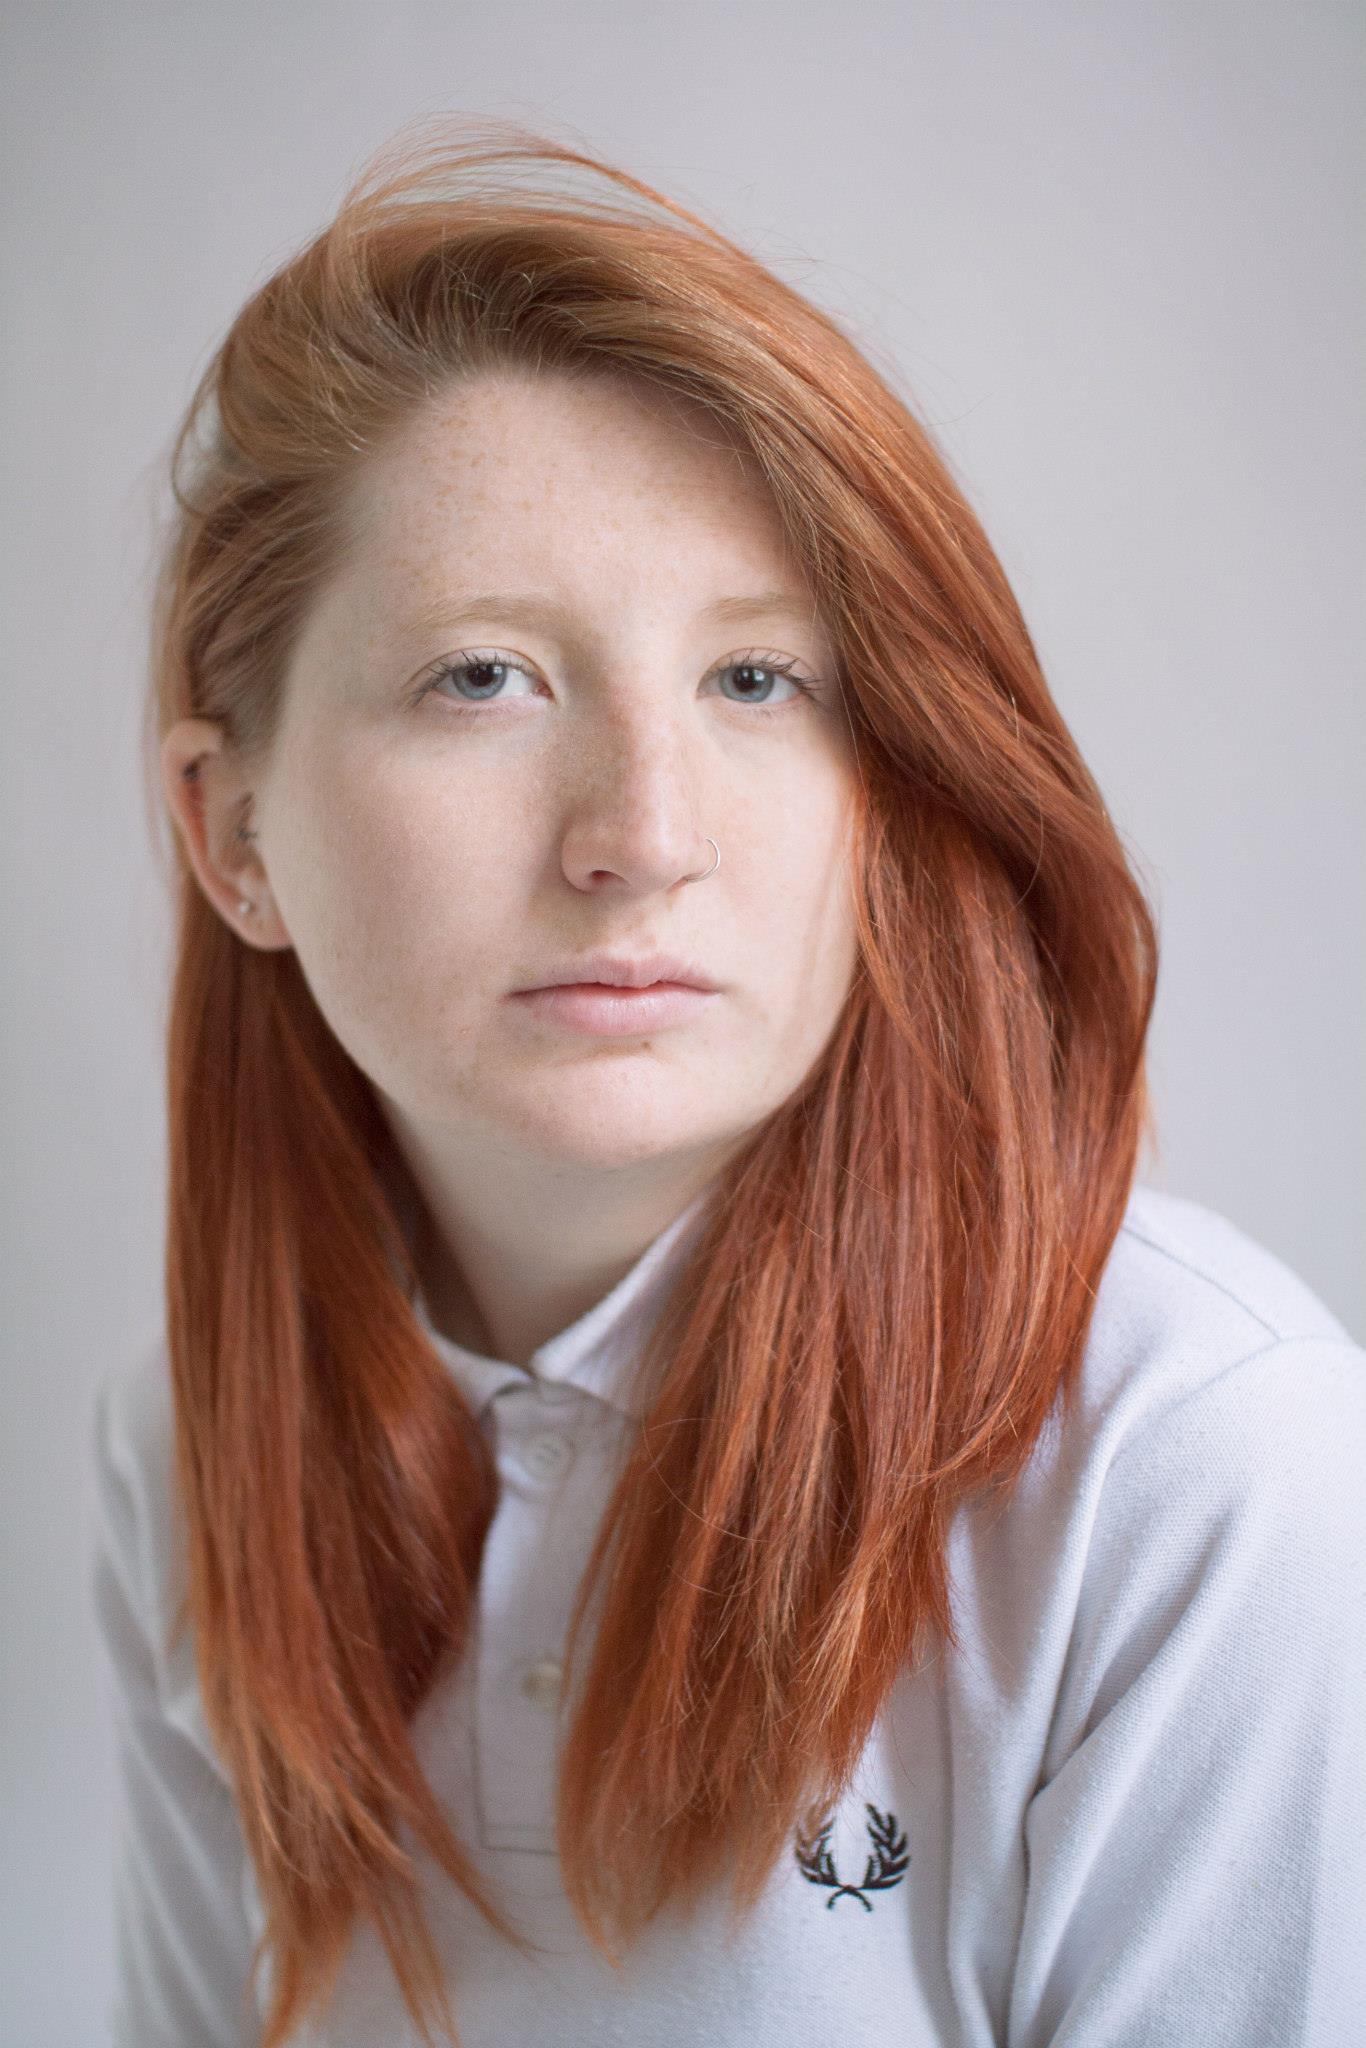 Projeto Ginger: Retratos que lutam contra a discriminação aos ruivos 04